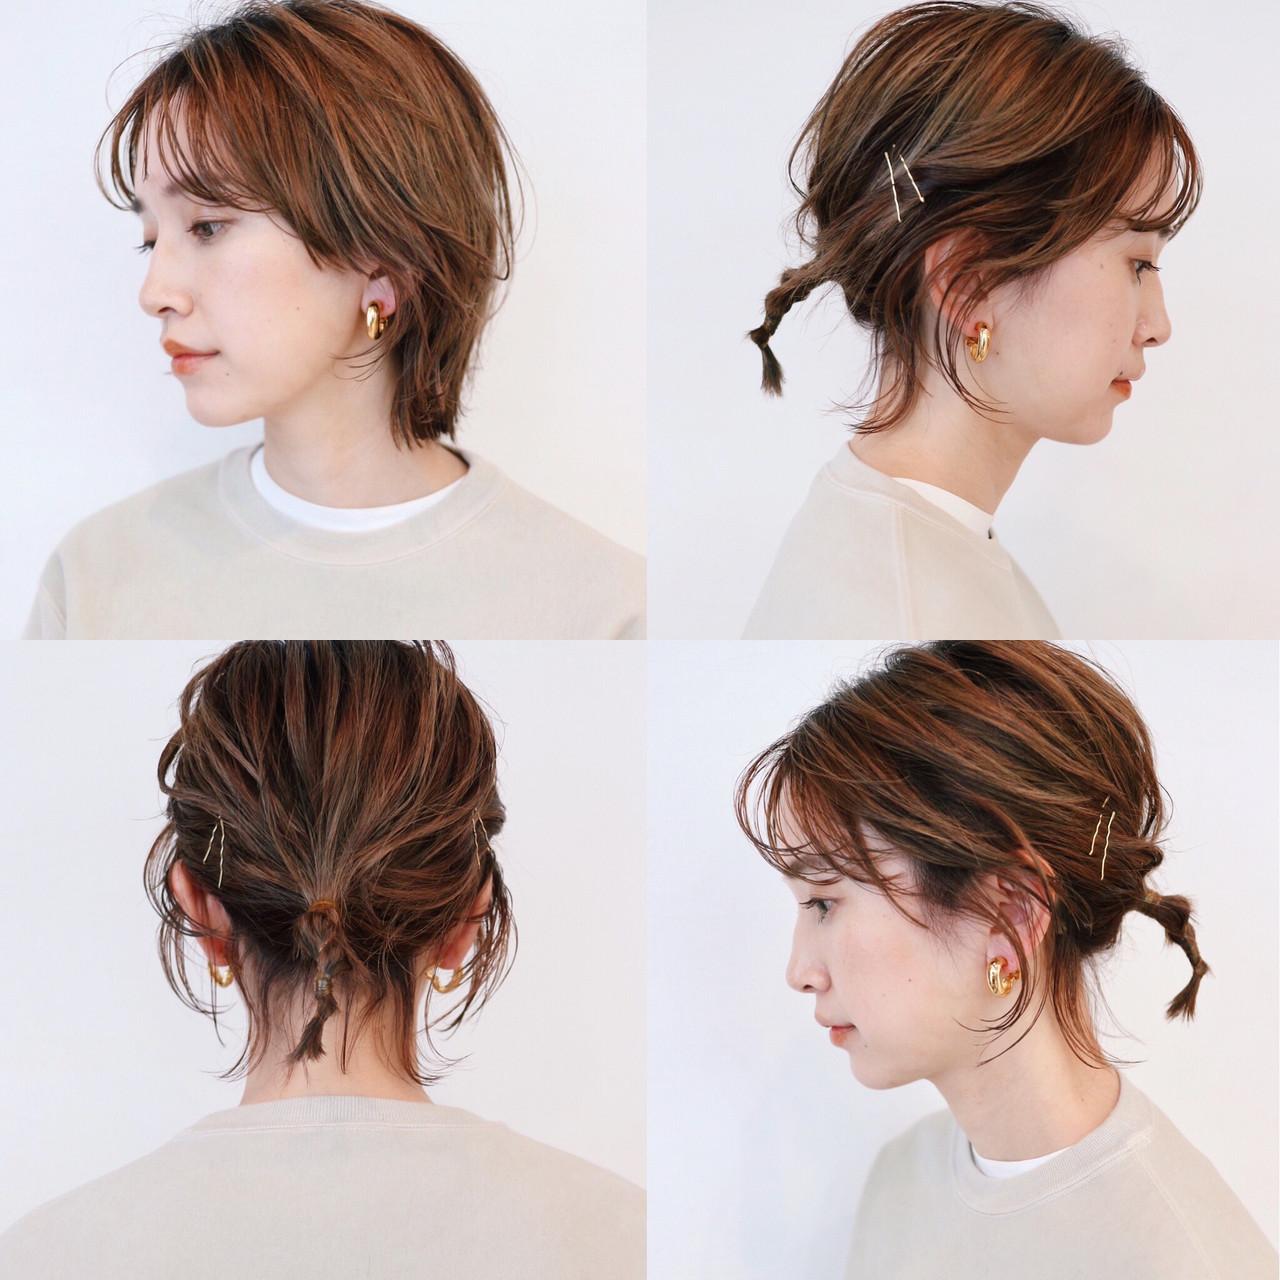 マッシュウルフ 簡単ヘアアレンジ ストリート ウルフカット ヘアスタイルや髪型の写真・画像